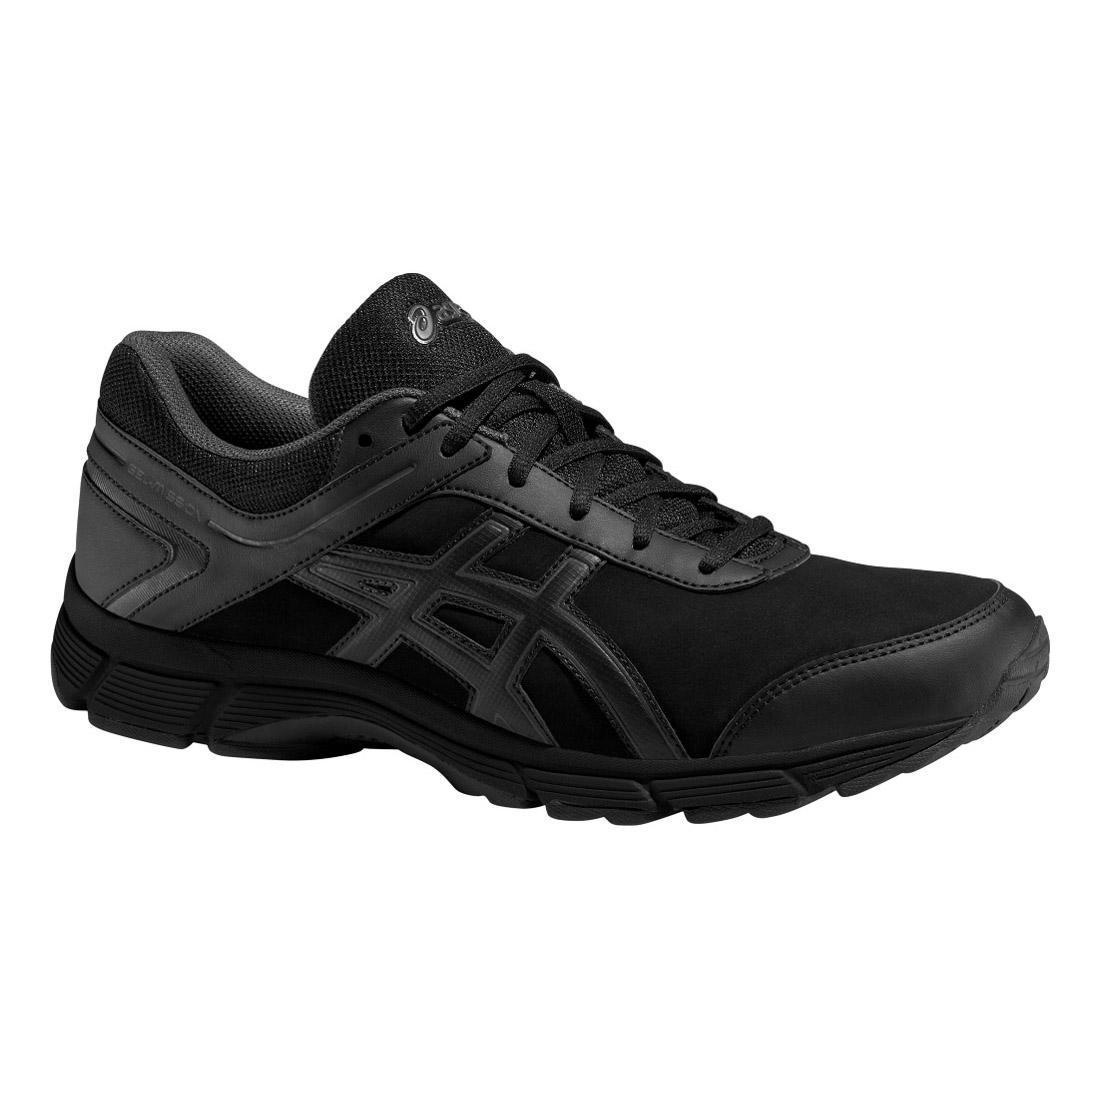 01e16d662450 Asics Mens GEL-Mission Walking Shoes - Black - Tennisnuts.com